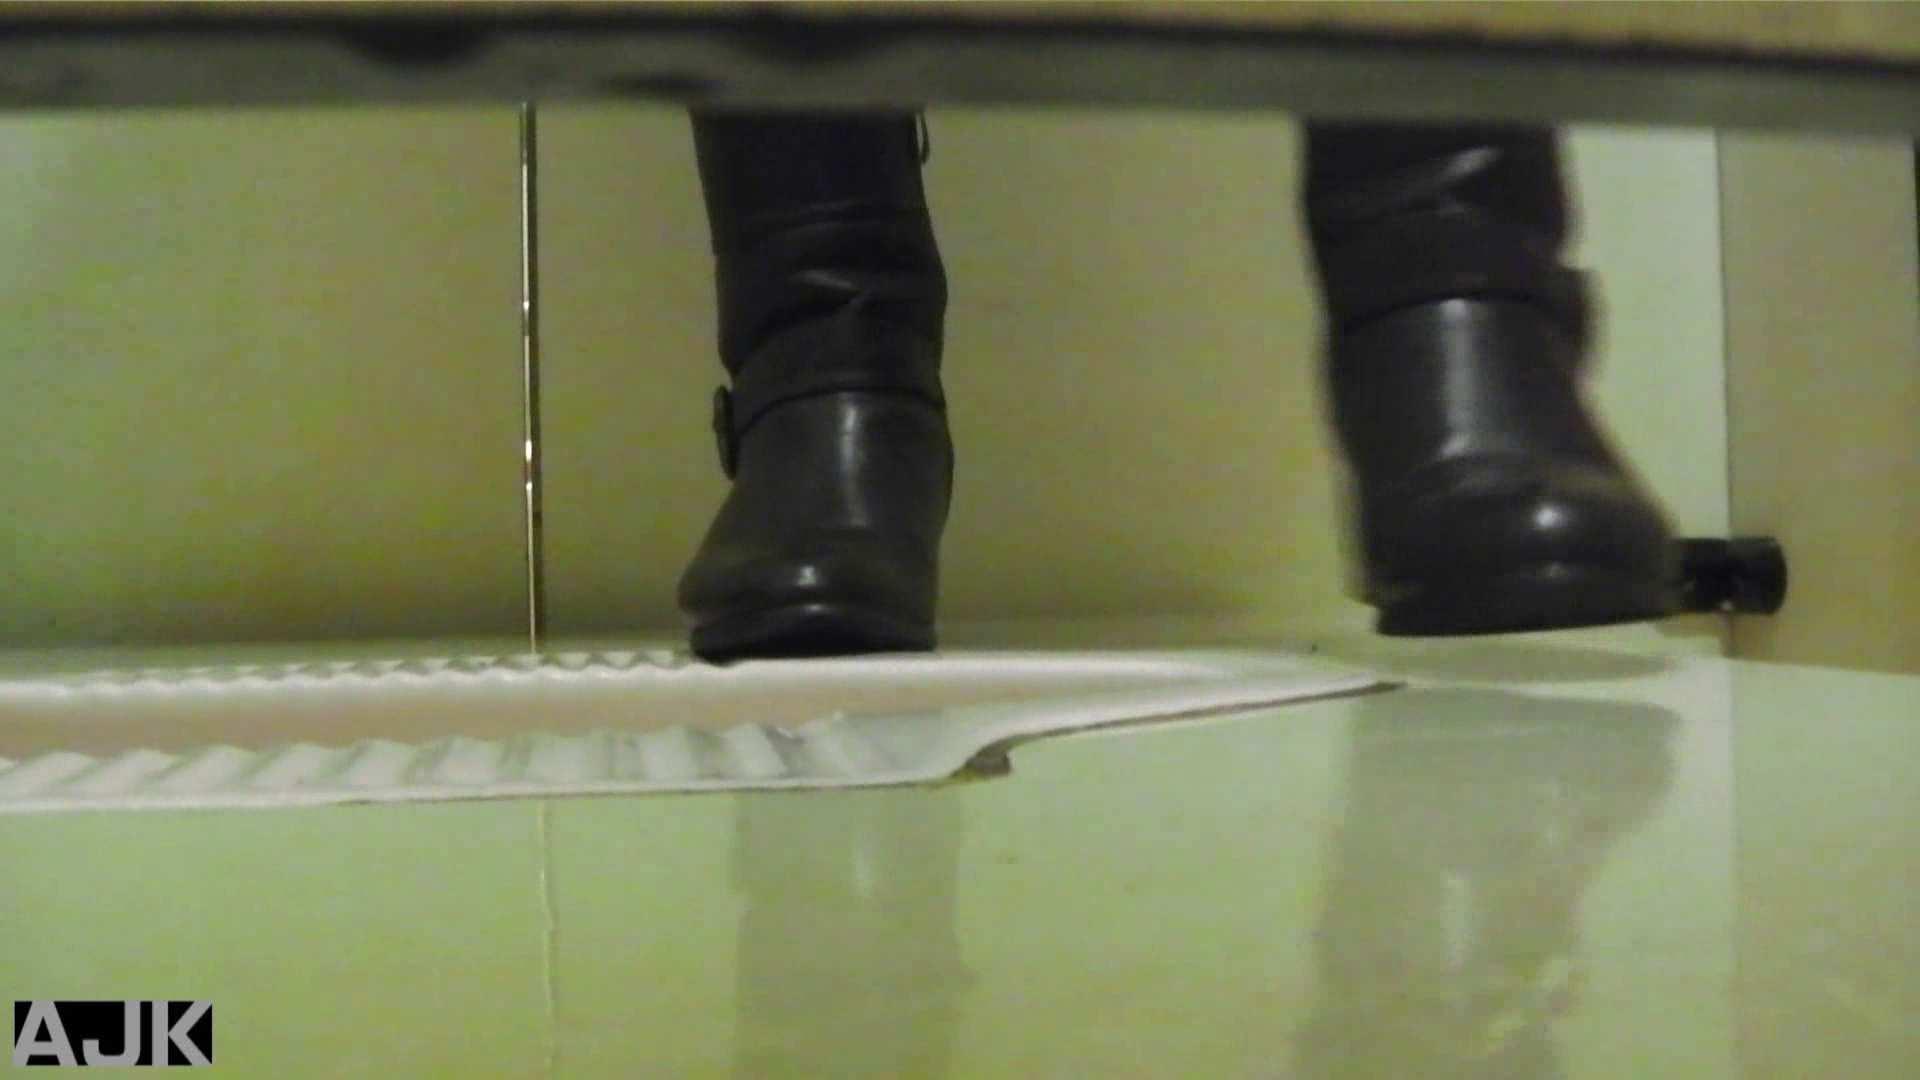 隣国上階級エリアの令嬢たちが集うデパートお手洗い Vol.18 無修正おまんこ   お手洗いの中では  82画像 75